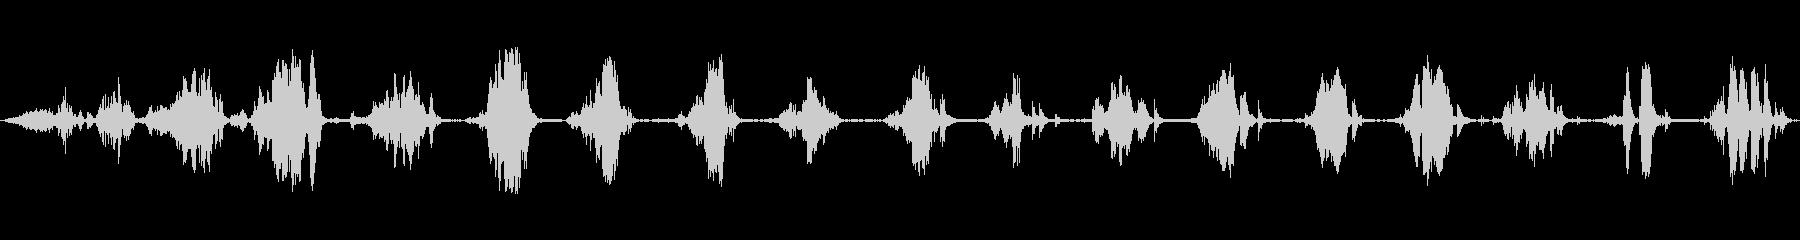 爆発風船;ヴィンテージ録音;ゴムと...の未再生の波形